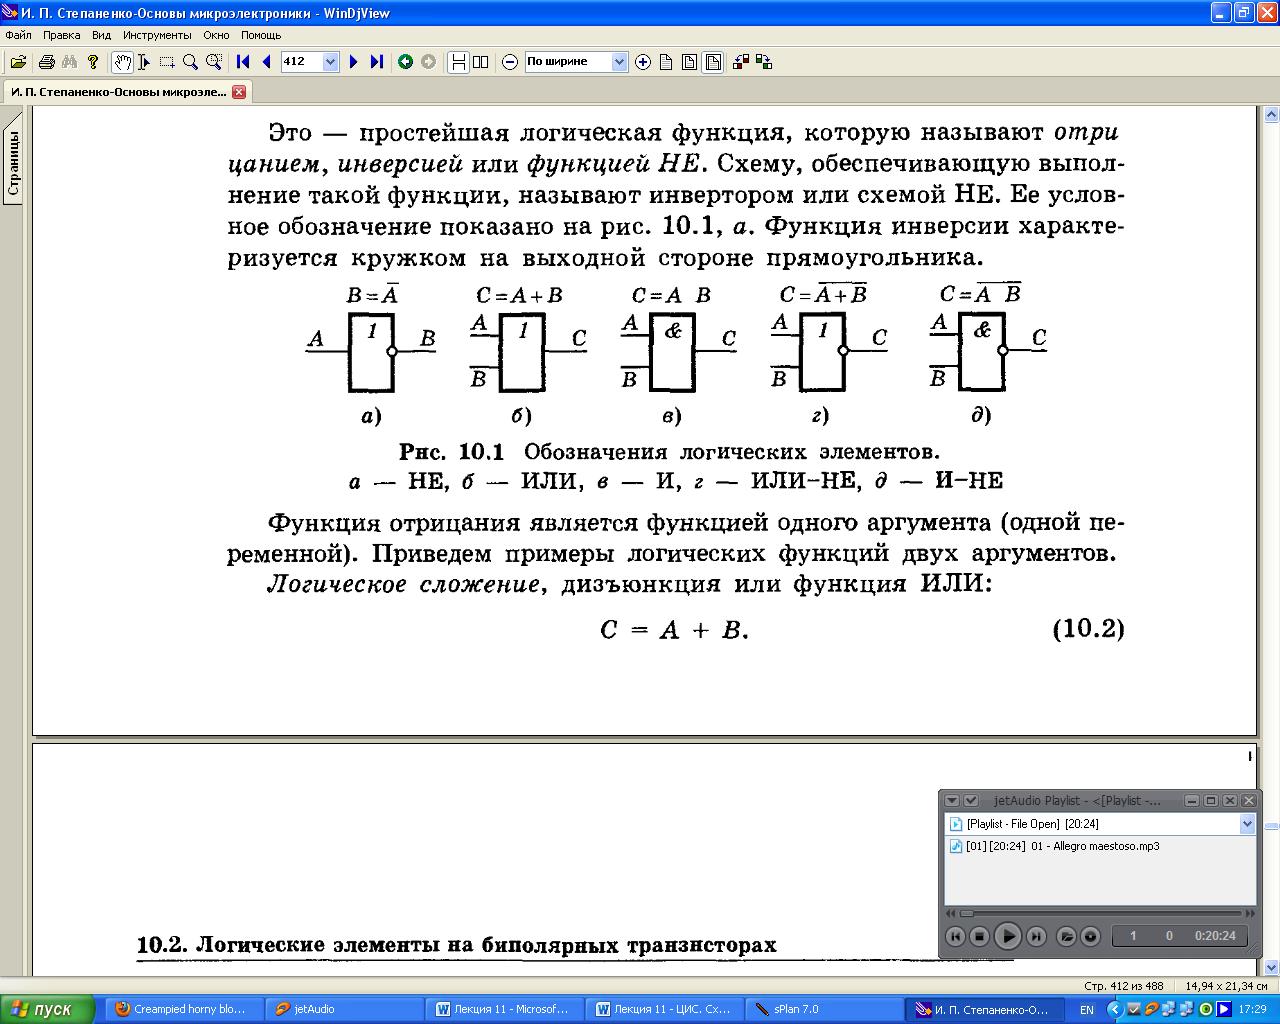 Часть электронной схемы которая реализует элементарную логическую функцию